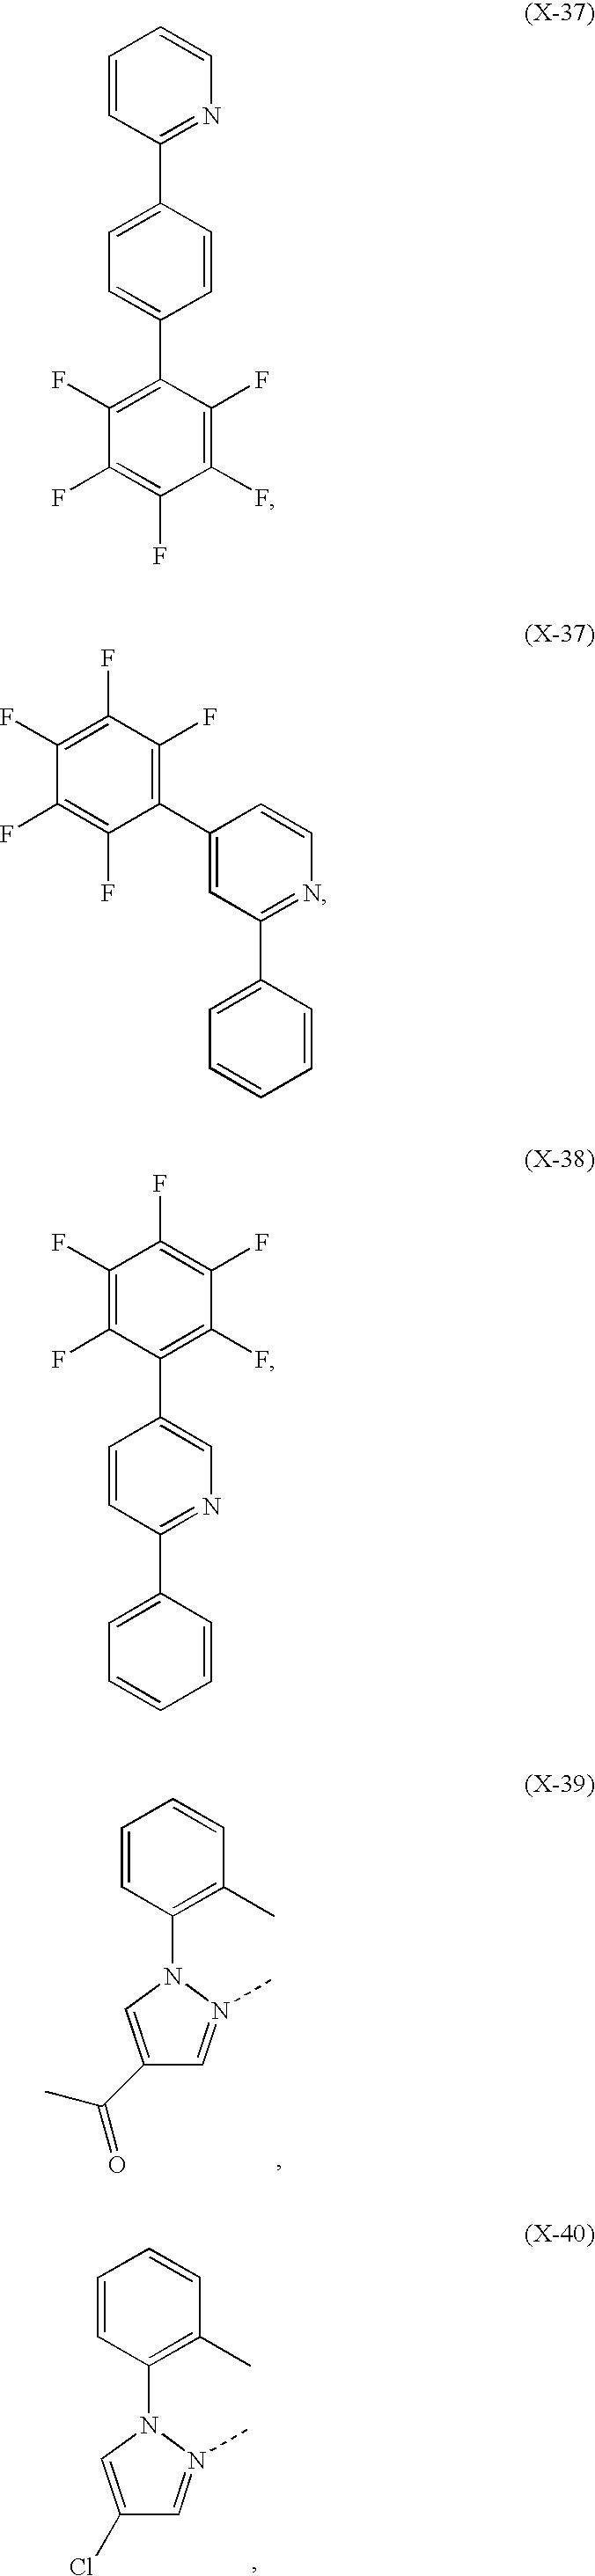 Figure US09362510-20160607-C00045